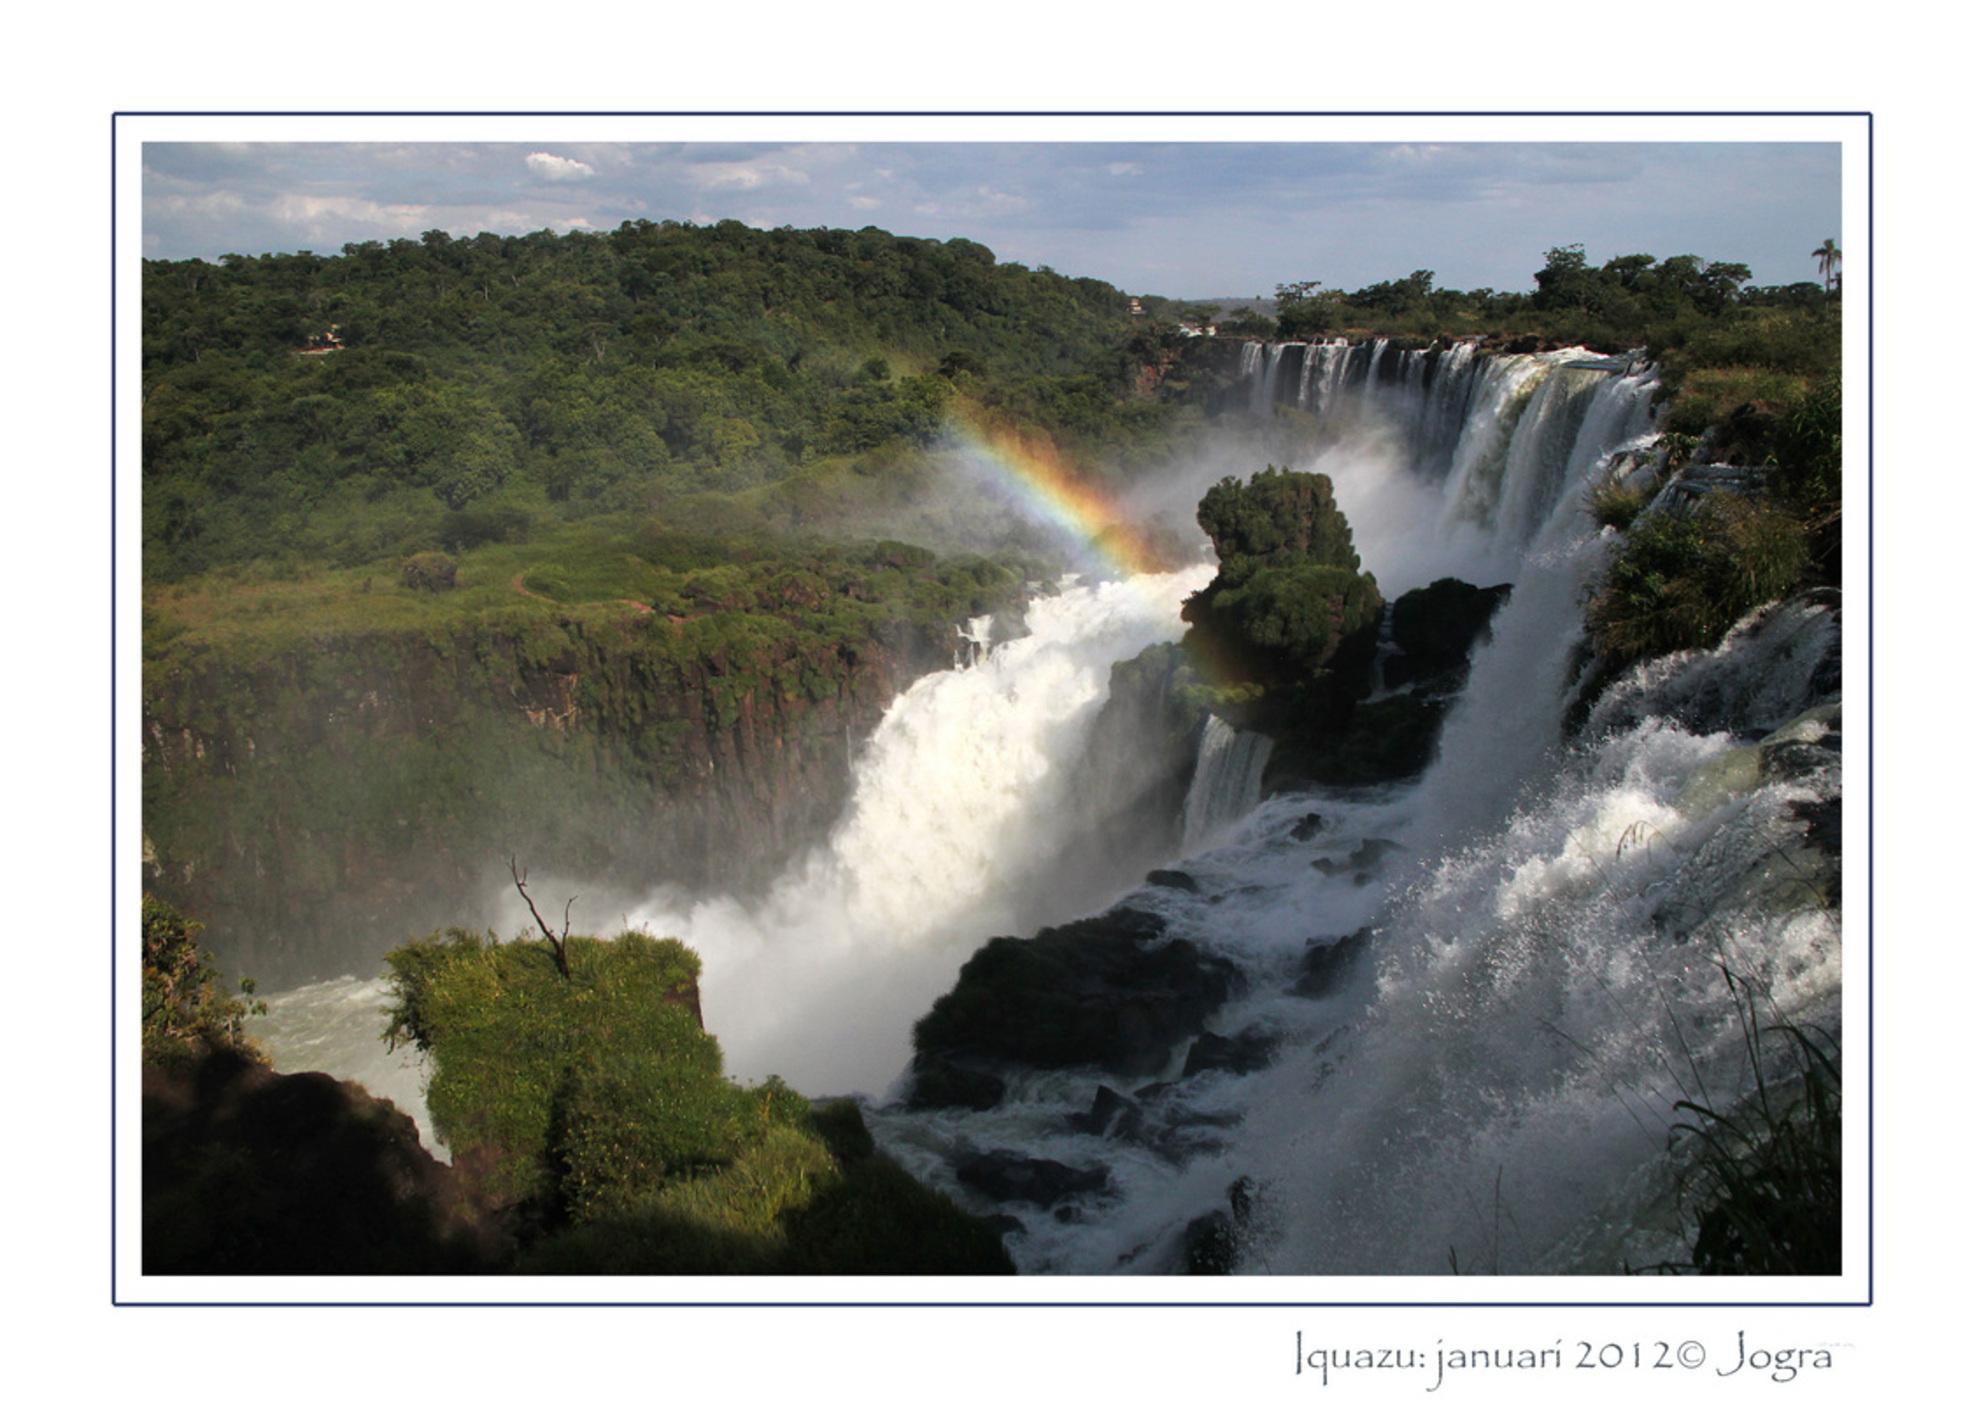 met donderend geweld - De watervallen bij Iquazu. Sinds kort, heel terecht, een van de 7 natuur wereld wonderen. Een plek op aarde waar je je heel klein voelt en de kracht  - foto door Lathyrus op 30-01-2012 - deze foto bevat: waterval, brazilie, iquazu